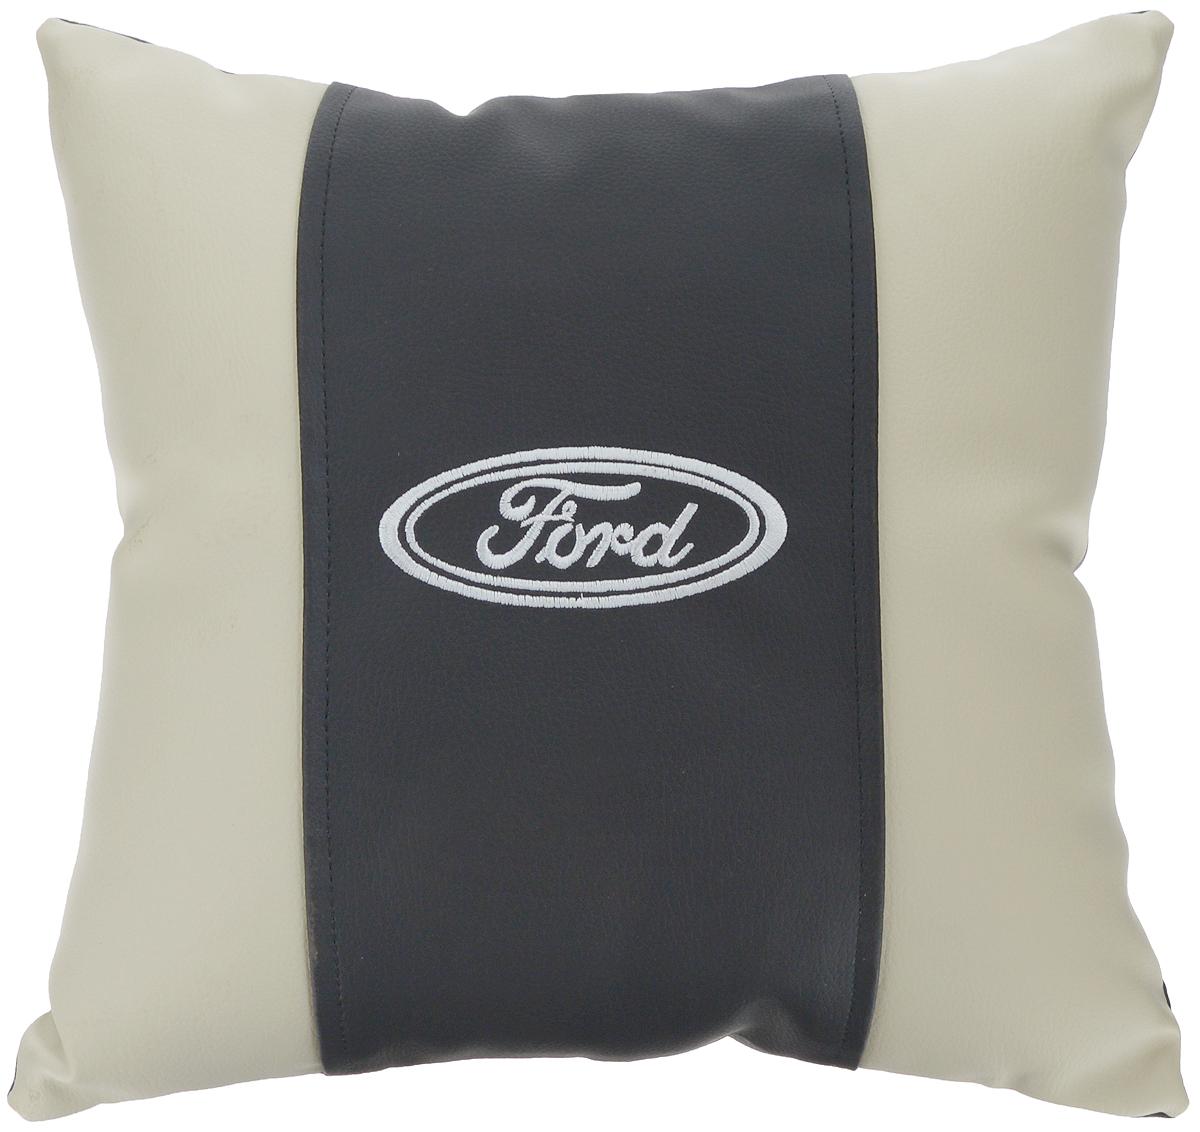 Подушка на сиденье Autoparts Ford, 30 х 30 см37009Подушка на сиденье Autoparts Ford создана для тех, кто весь свой день вынужден проводить за рулем. Чехол выполнен из высококачественной дышащей экокожи. Наполнителем служит холлофайбер. На задней части подушки имеется змейка.Особенности подушки:- Хорошо проветривается.- Предупреждает потение.- Поддерживает комфортную температуру.- Обминается по форме тела.- Улучшает кровообращение.- Исключает затечные явления.- Предупреждает развитие заболеваний, связанных с сидячим образом жизни. Подушка также будет полезна и дома - при работе за компьютером, школьникам - при выполнении домашних работ, да и в любимом кресле перед телевизором.